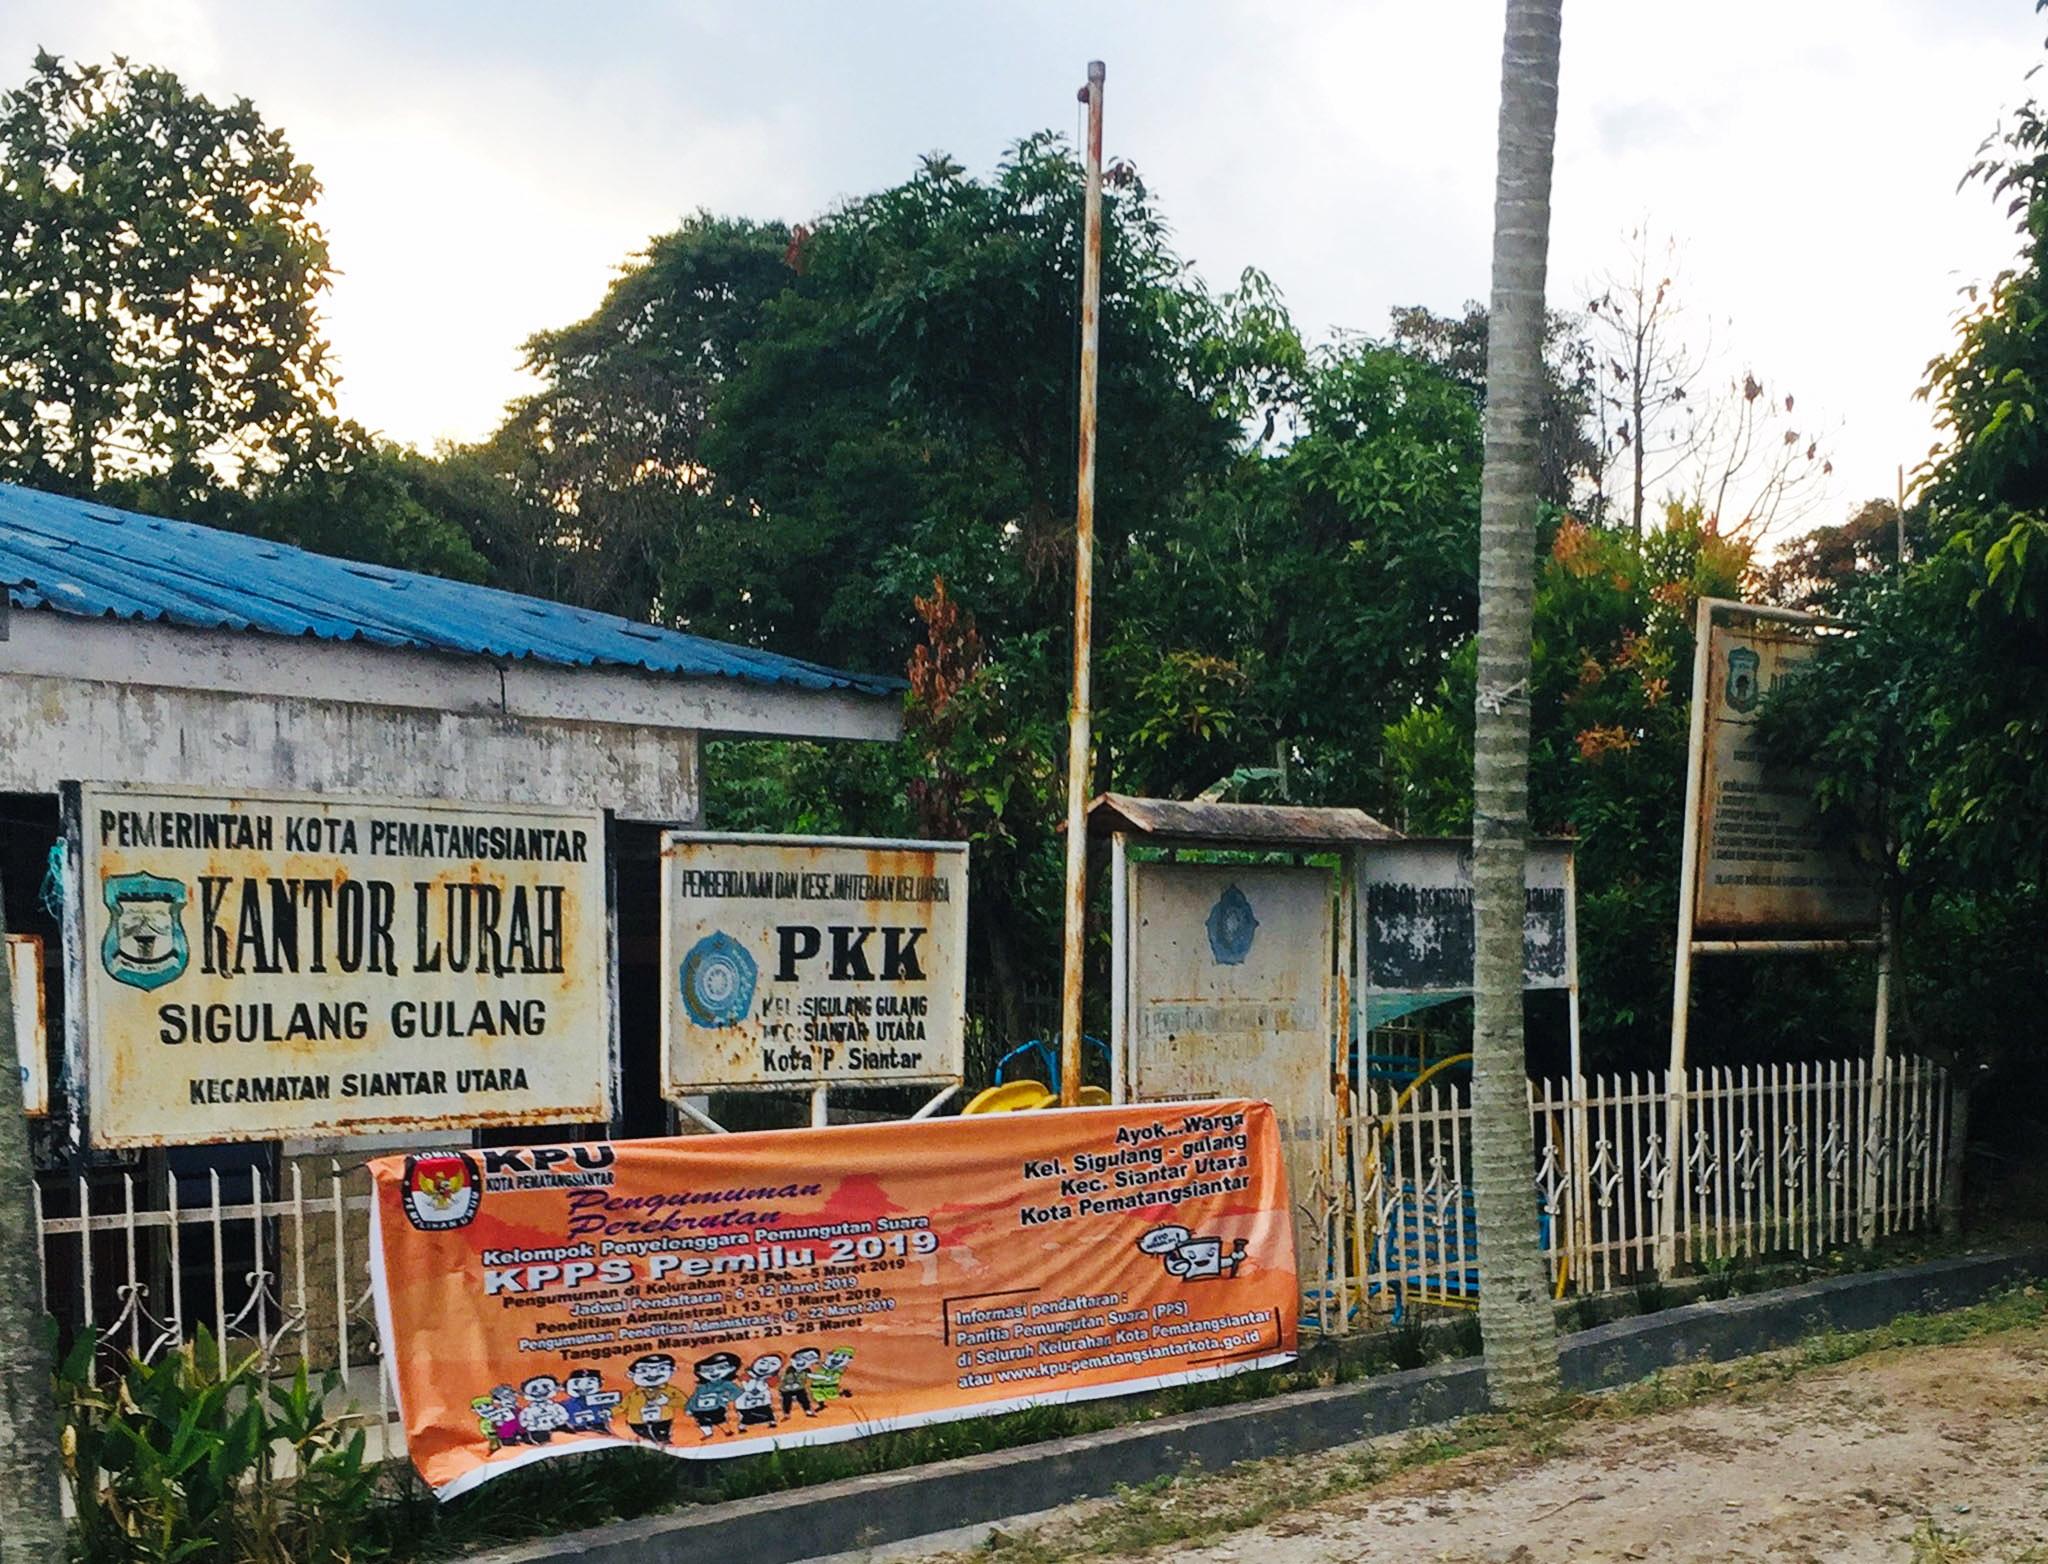 File Kel Sigulang Gulang Kecamatan Siantar Utara Pematangsiantar Jpg Wikimedia Commons